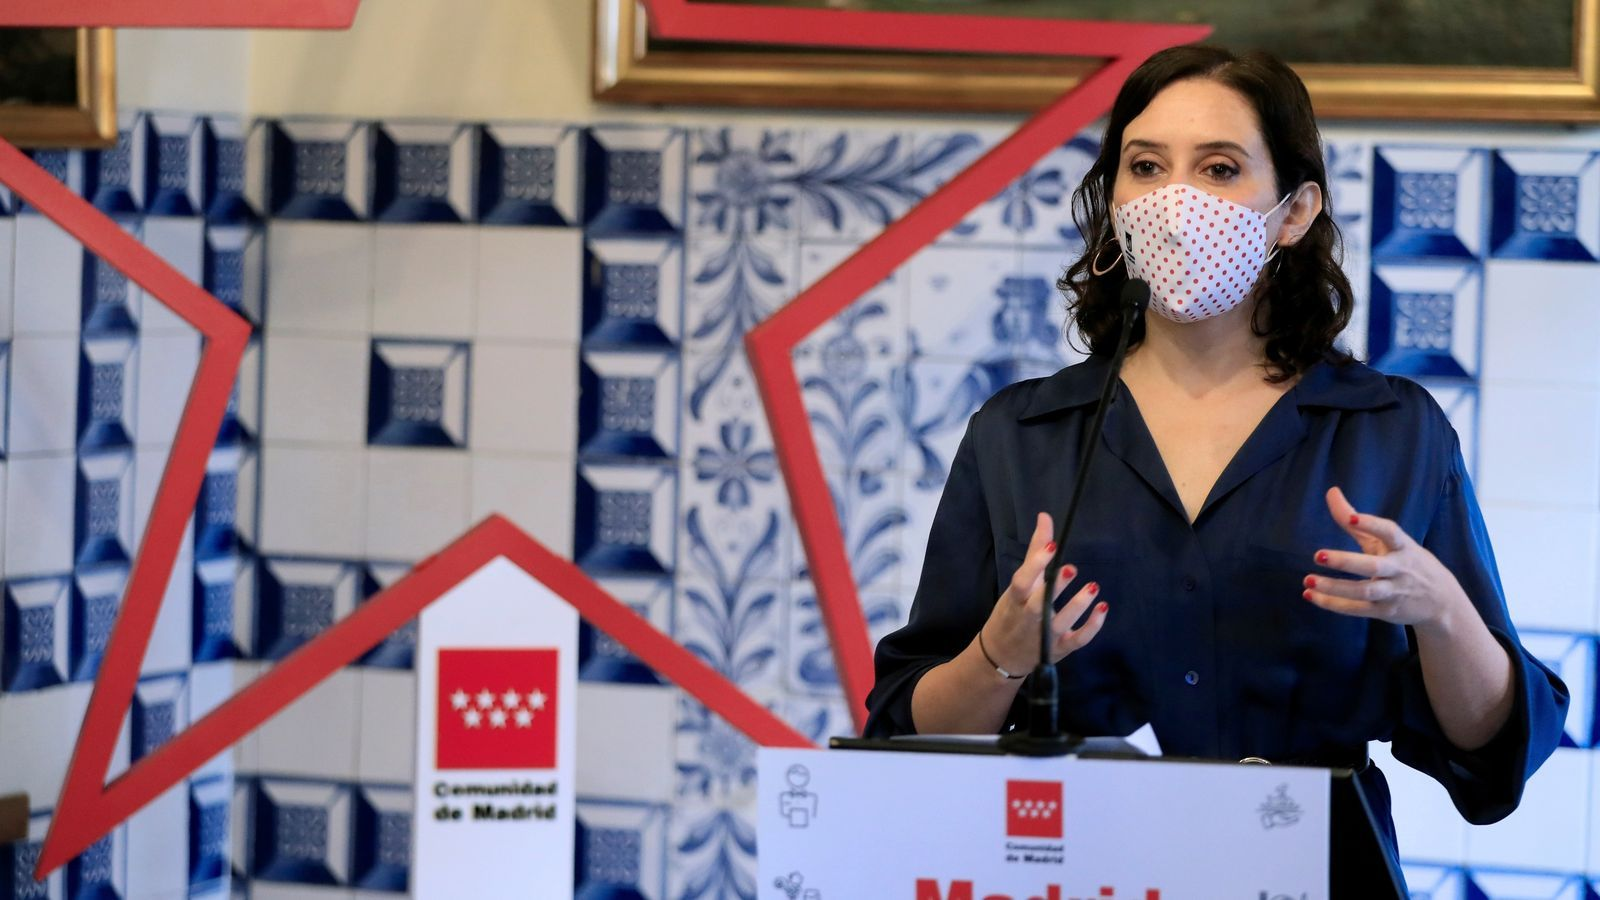 La presidenta madrilenya, Isabel Díaz Ayuso, dilluns durant un acte de suport a l'hostaleria.